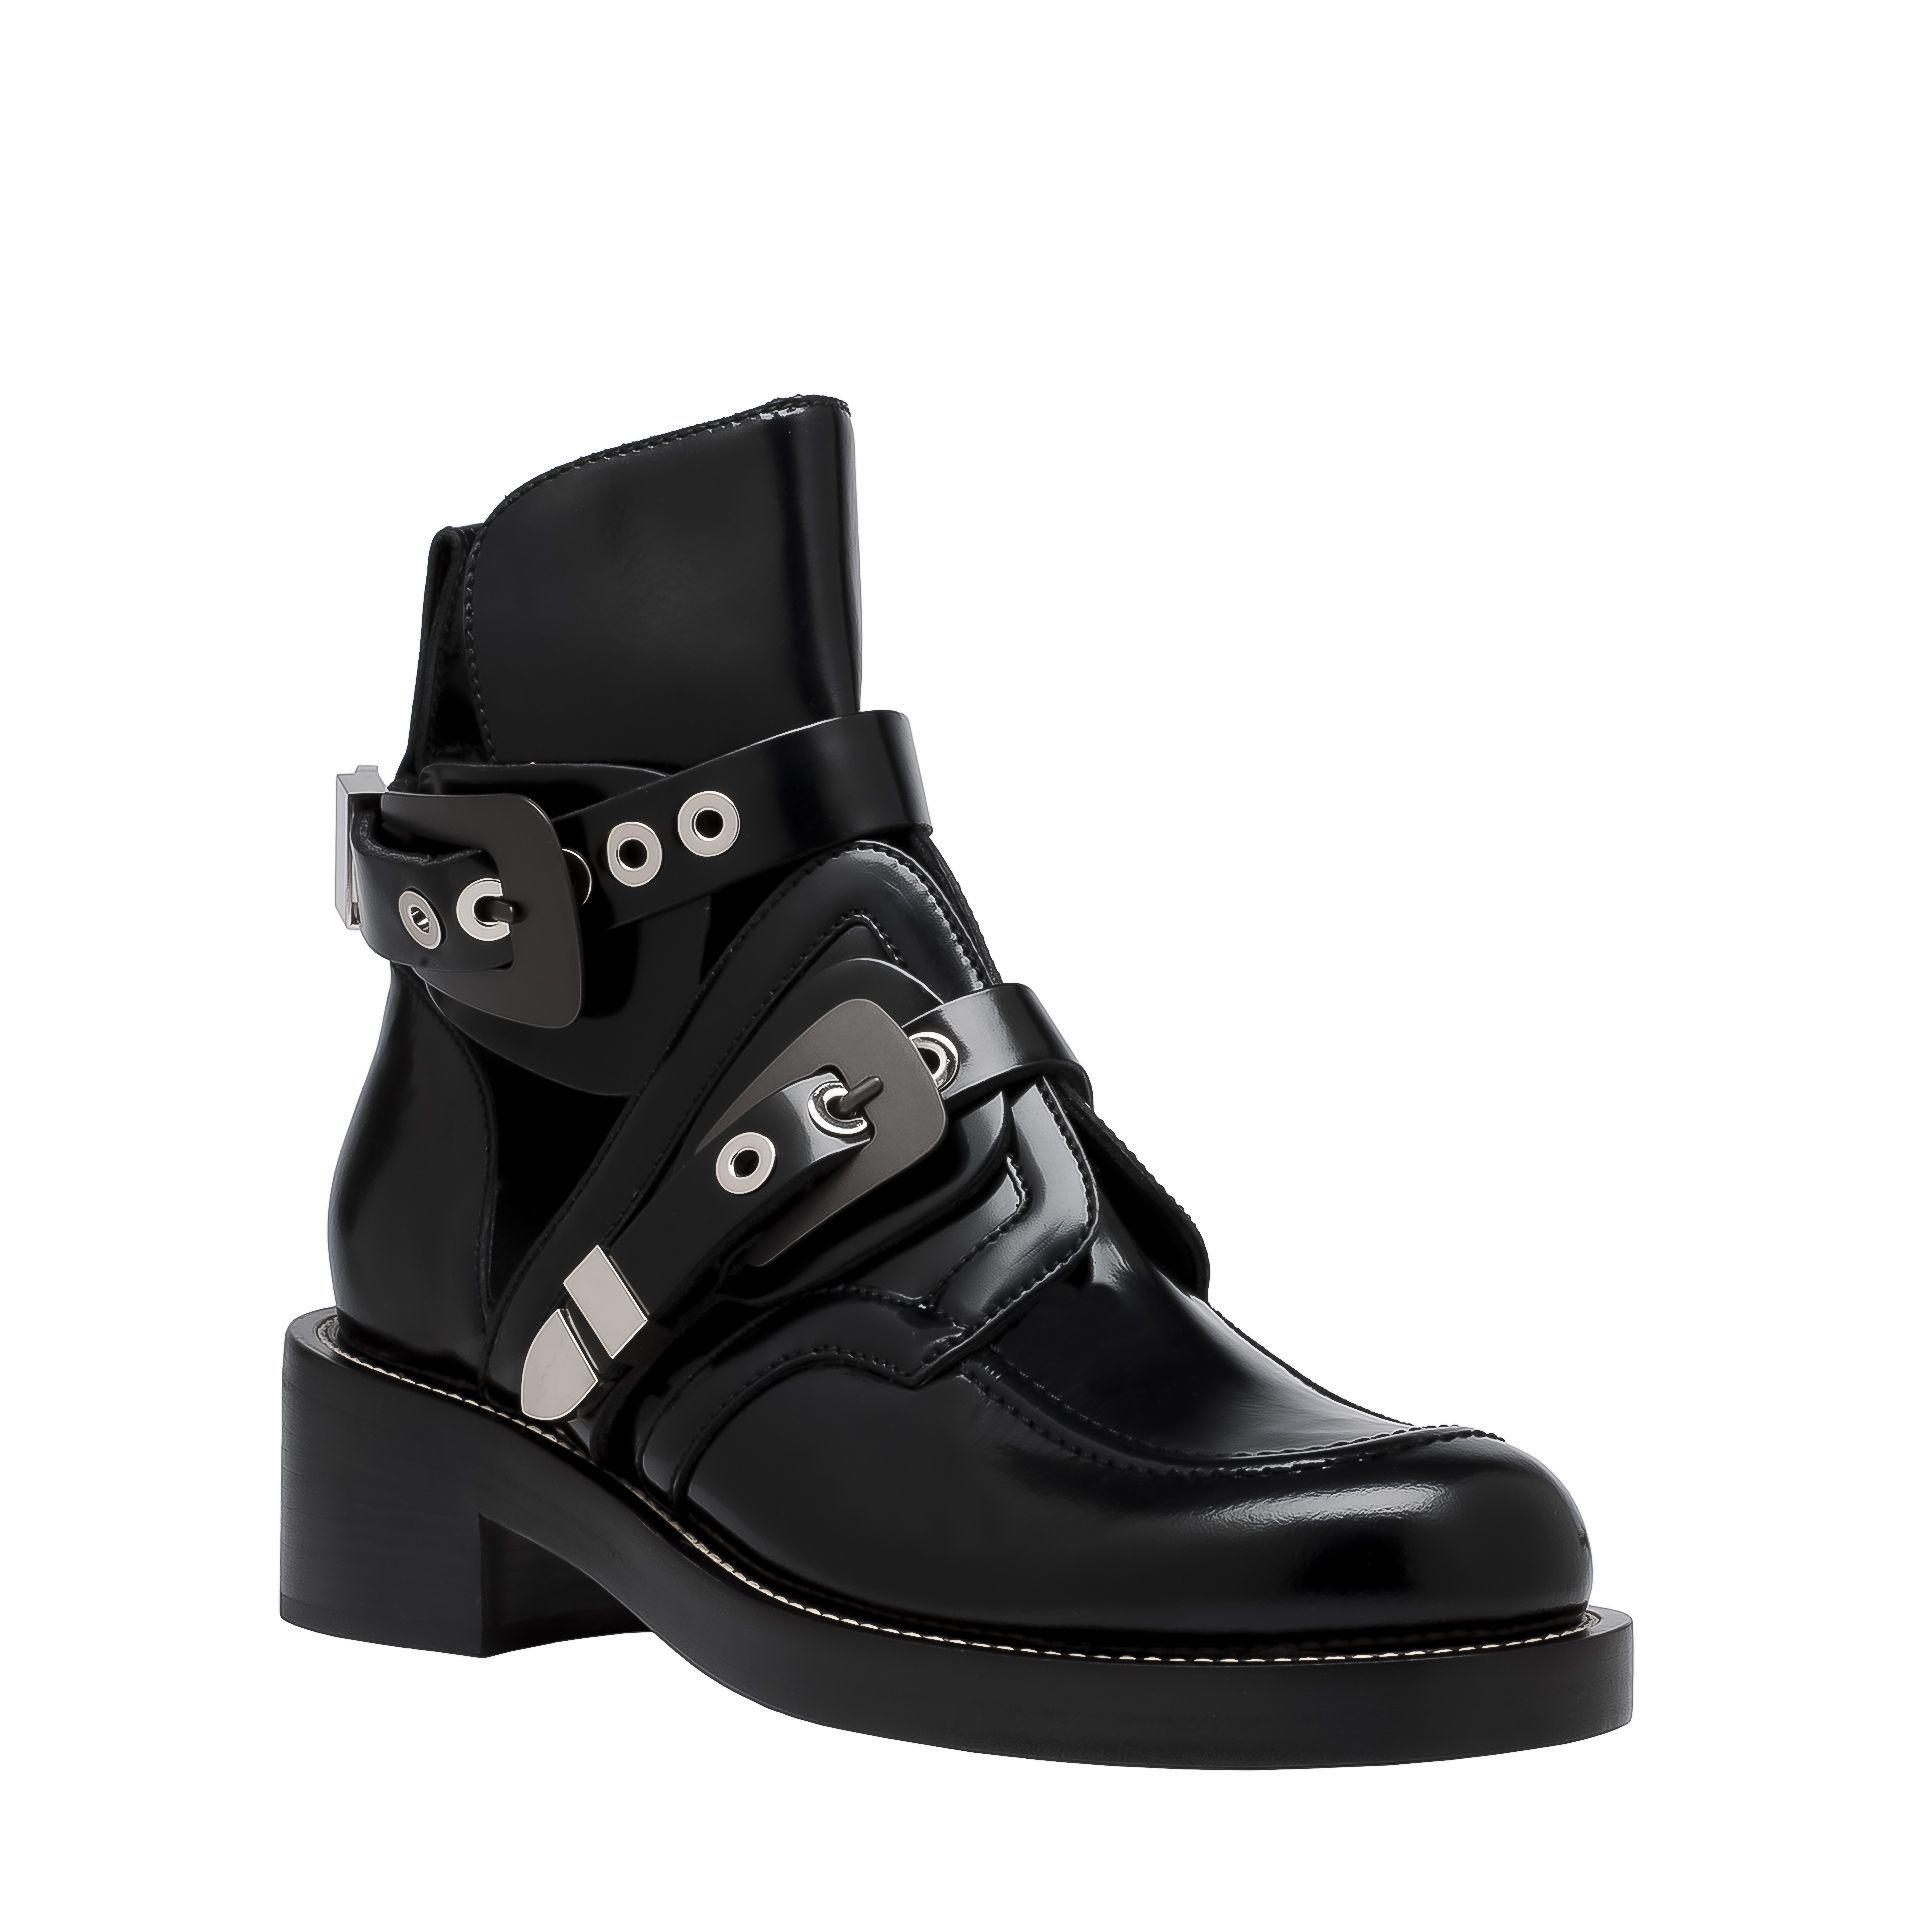 Balenciaga Ceinture Ankle Boots Balenciaga - Ankle Boots Men - Shoes  Balenciaga